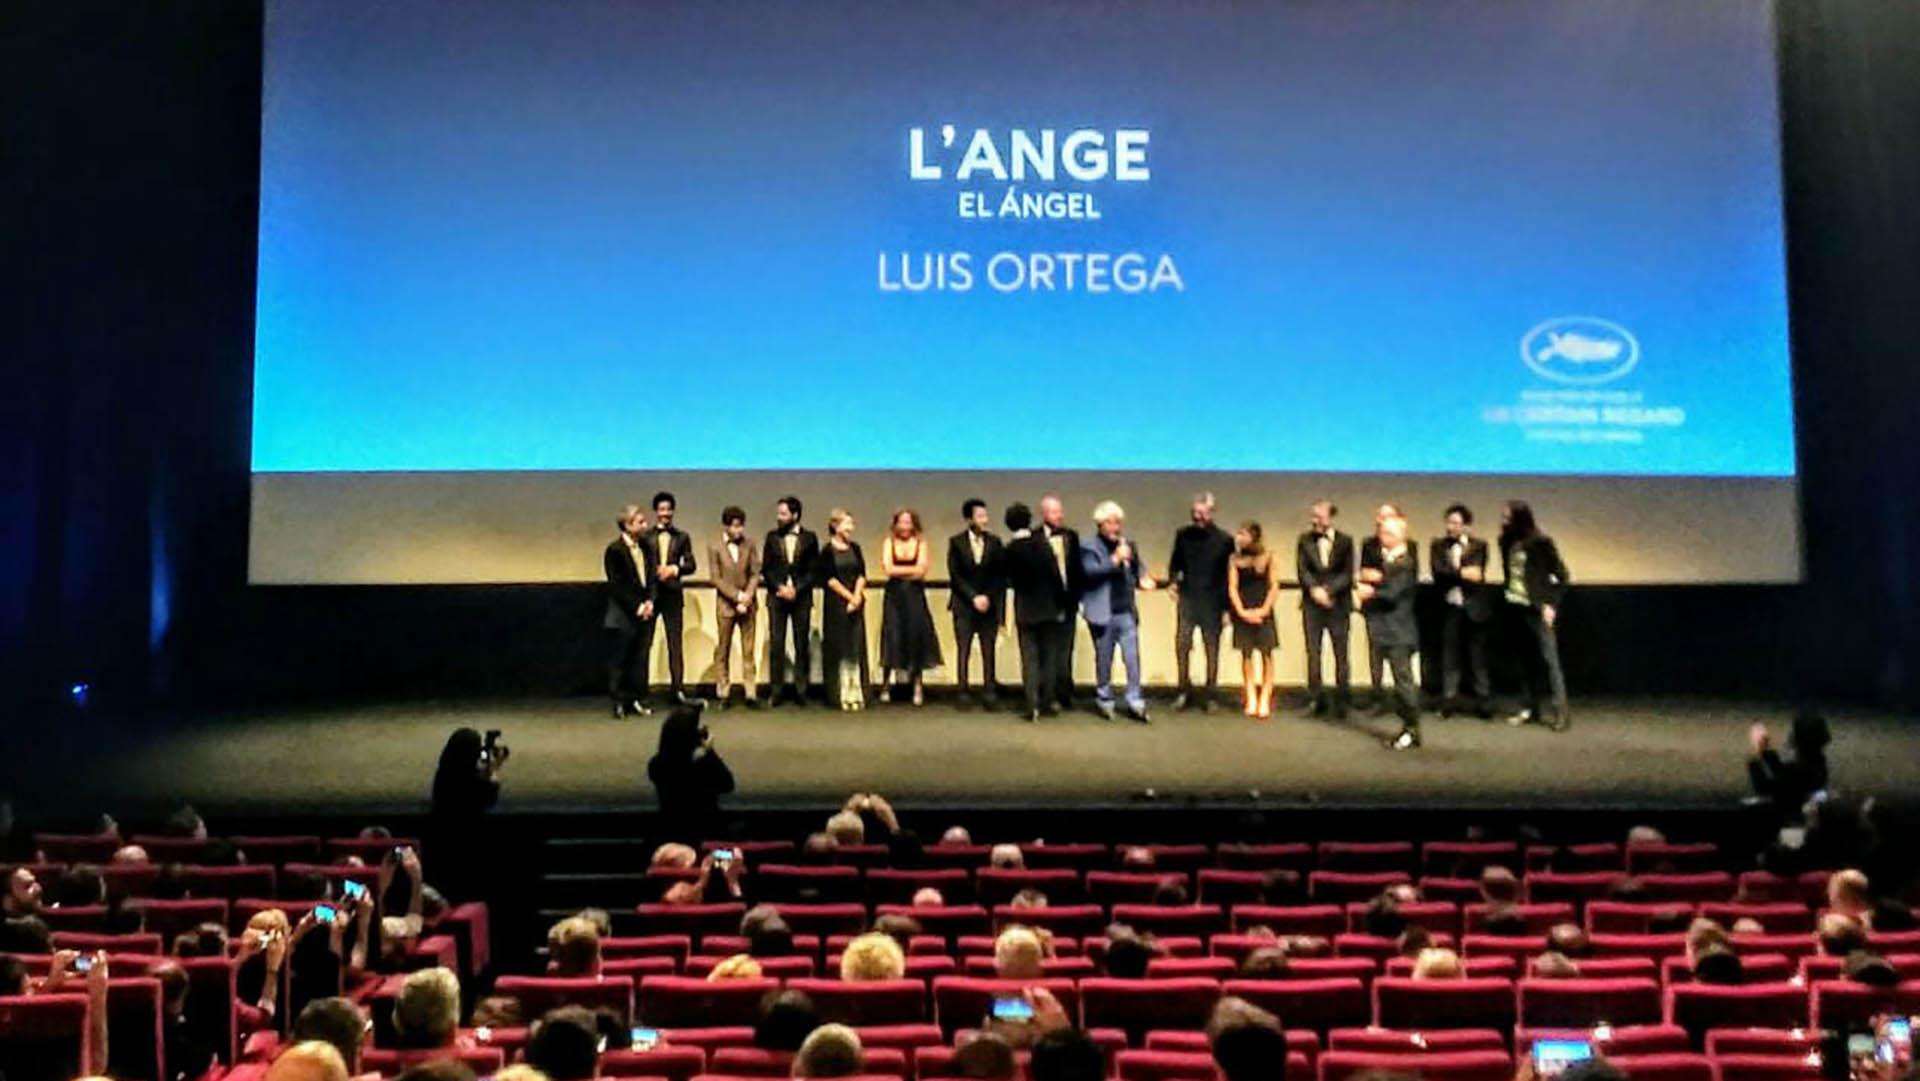 Pedro Almódovar presentó el film de Luis Ortega en el festival